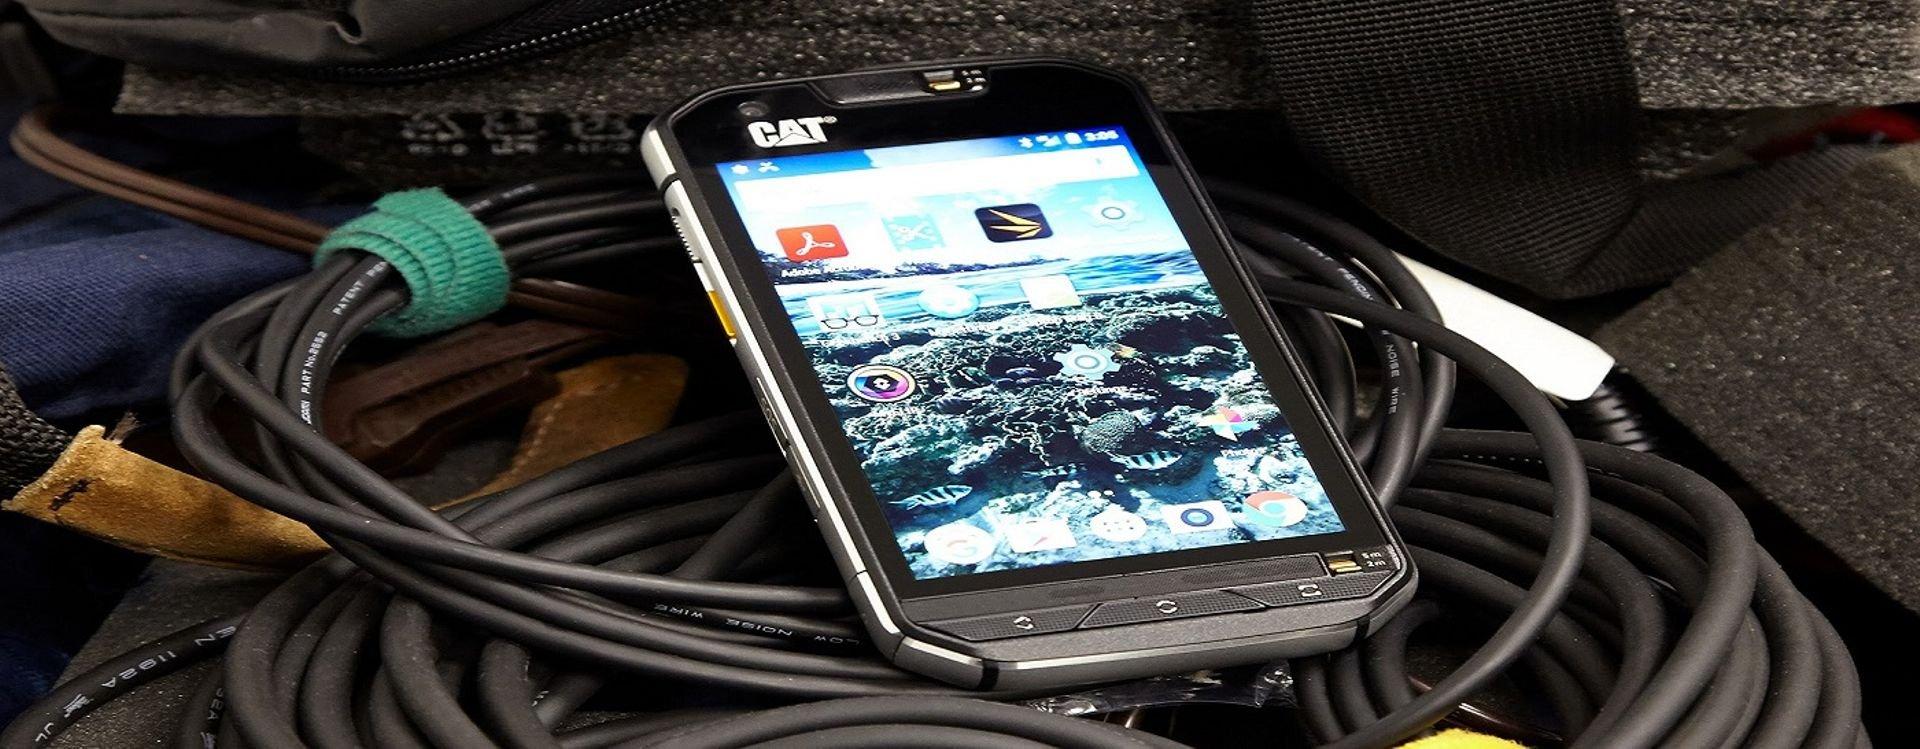 هل تبحث عن جهاز مضاد للصدمات ومقاوم للمياه؟! تعرف على الهواتف الذكية المعدَّة للاستخدامات الشاقة (Rugged Smartphones) أو (تافباد Toughpad).